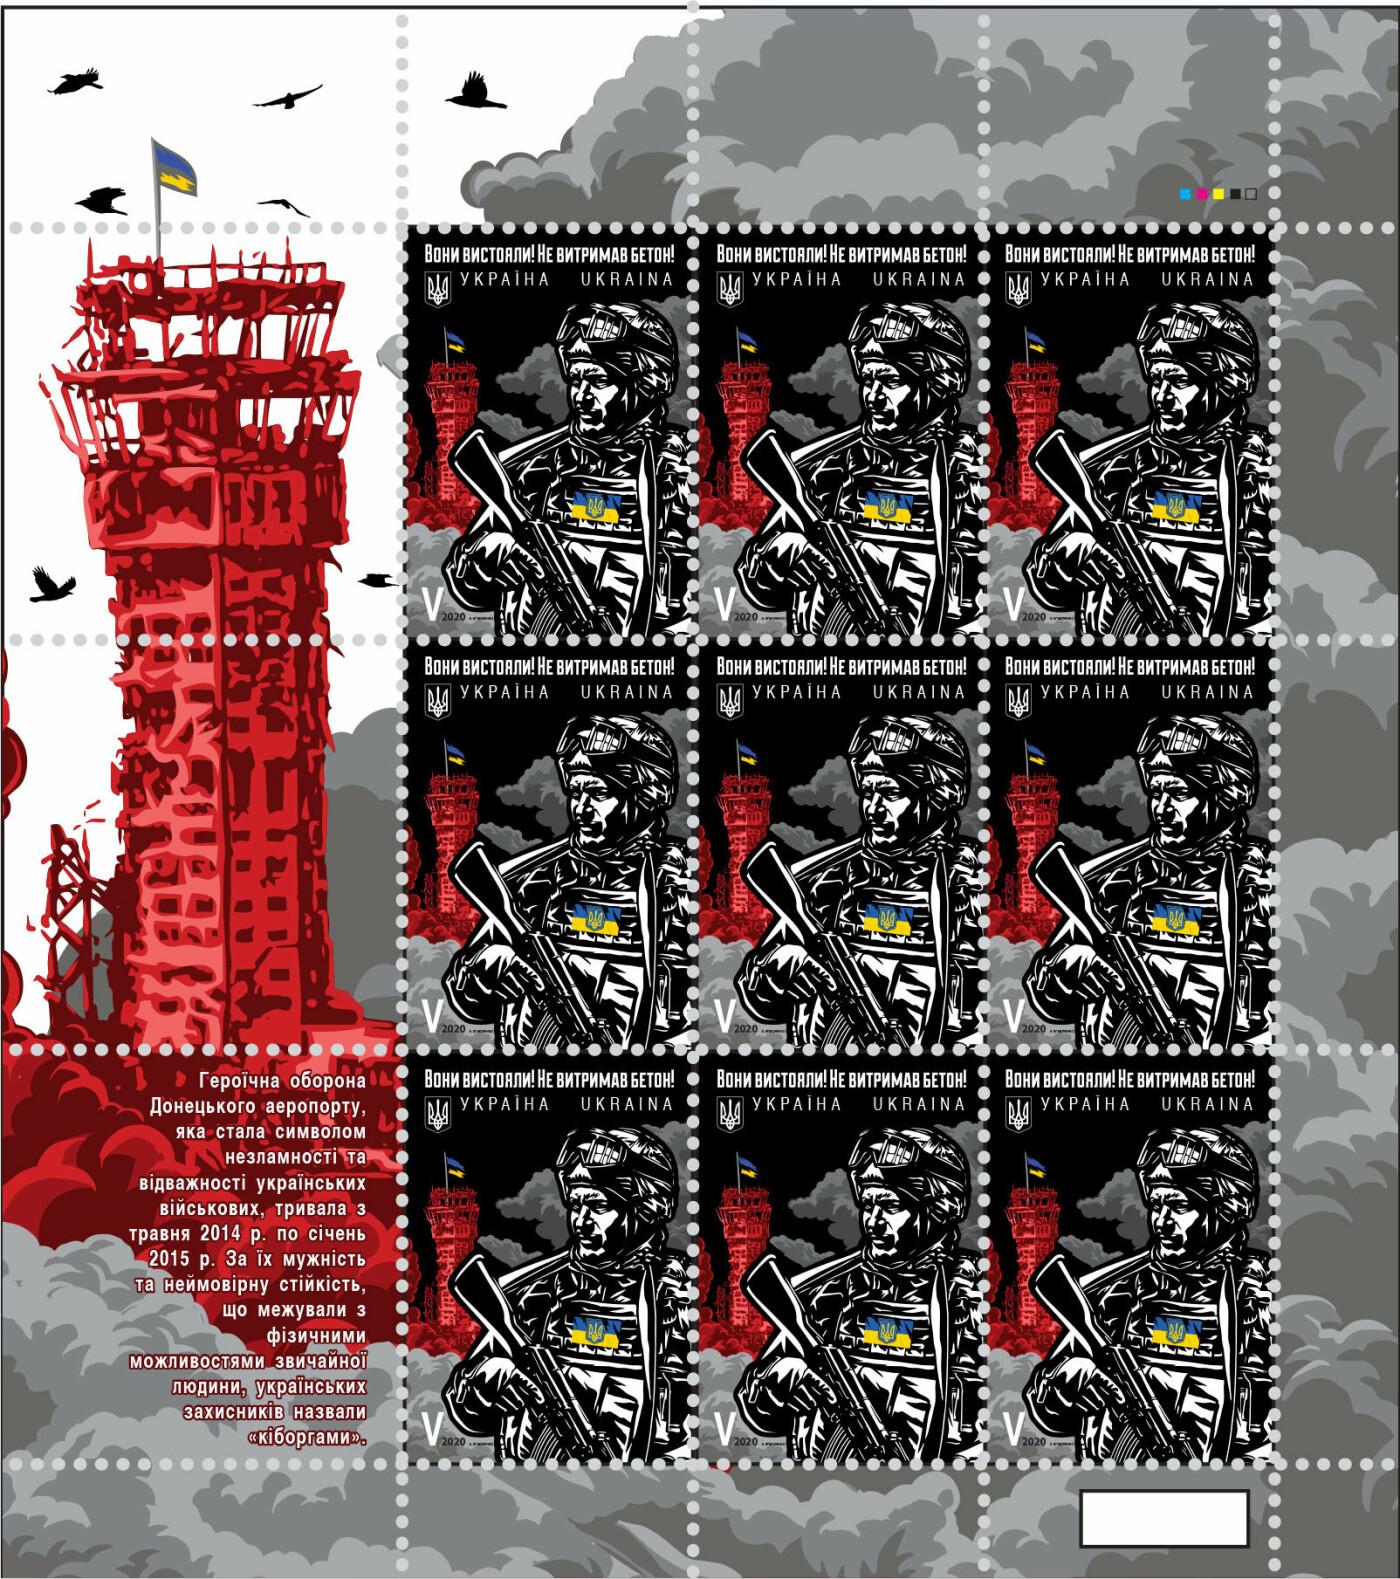 Поштова марка і конверт, присвячені захисникам ДАПу